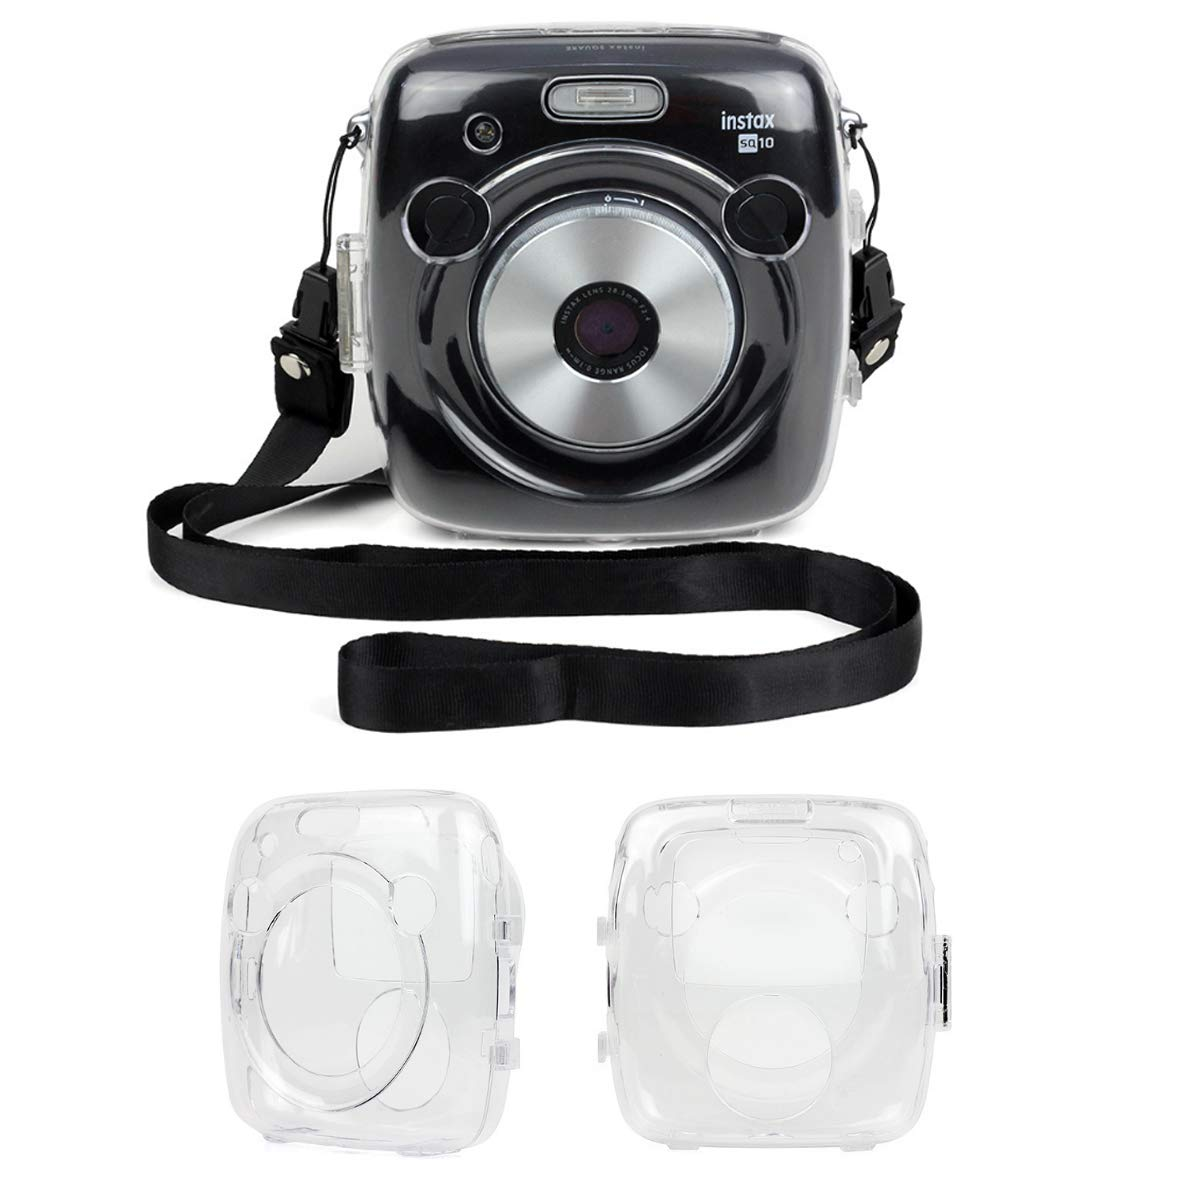 Correa Pegatina de la Correa Bolsas de Encaje Kit de Accesorios 7 en 1 para c/ámara Fujifilm Instax Square SQ10 Pack de Funda Protectora Transparente Pegatina de la Esquina JXE